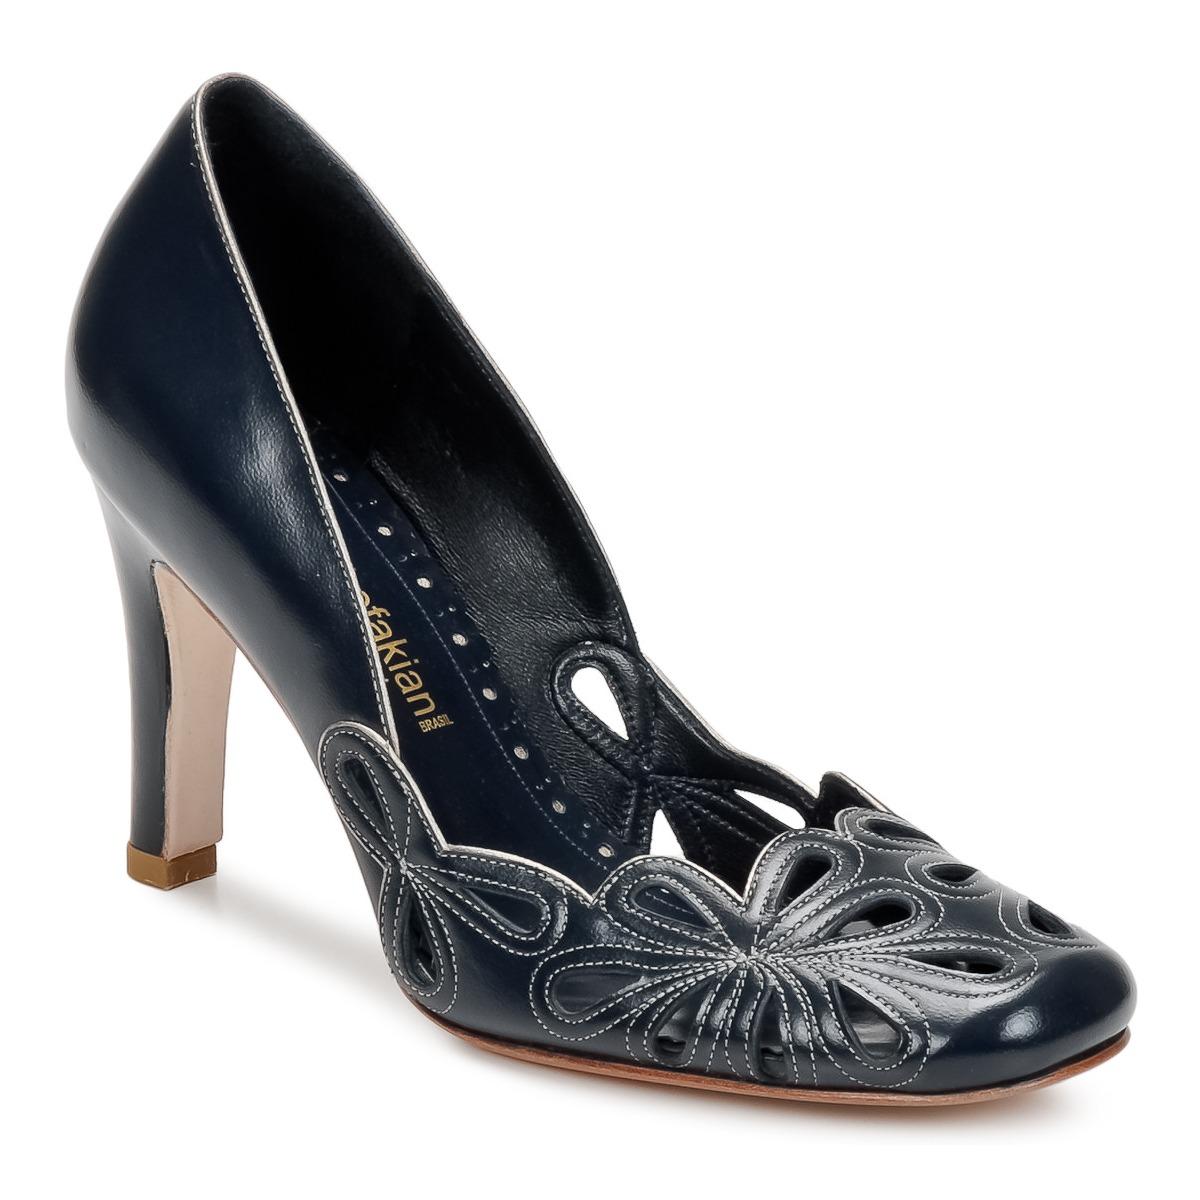 Court-shoes Sarah Chofakian BELLE EPOQUE Bm / Old / Silver